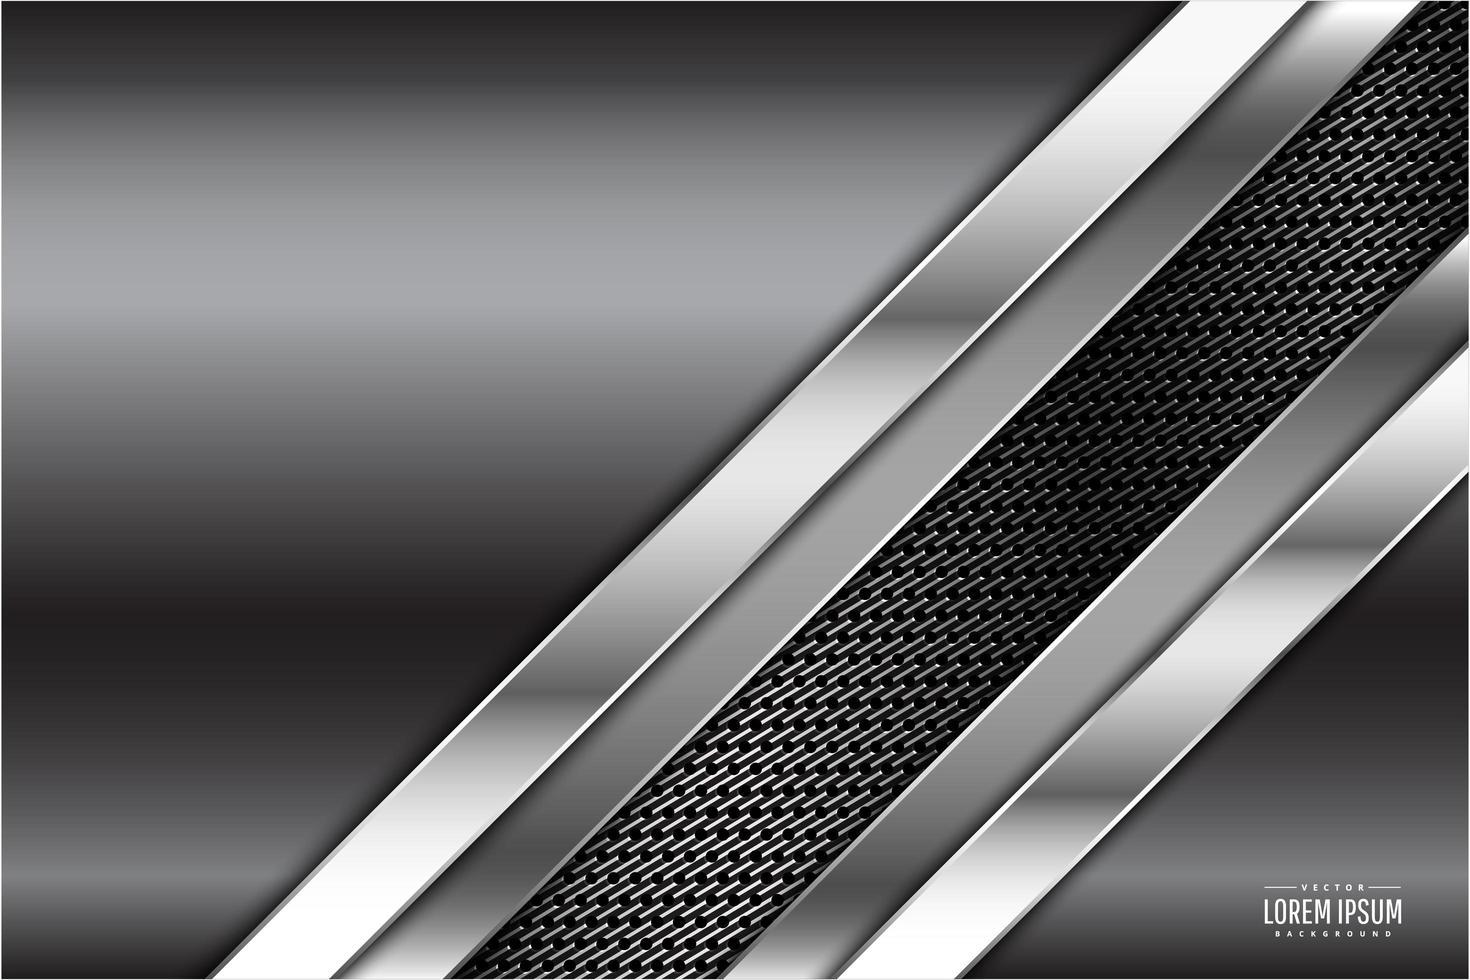 diseño gris metalizado con textura de fibra de carbono vector